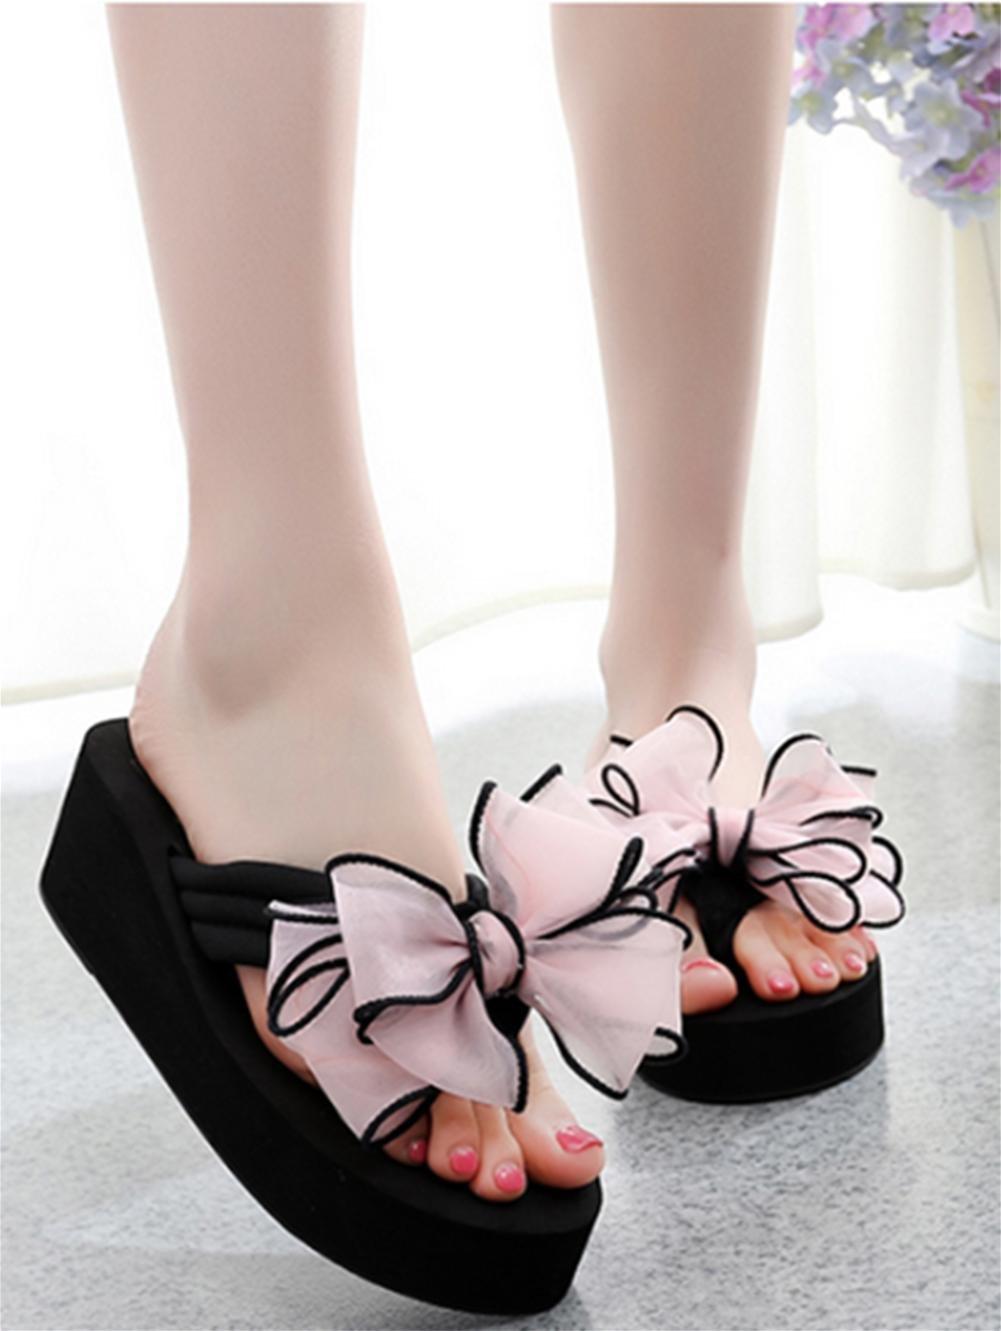 Damen Sommer Sandalen Anti-Rutsch-Clip Füße cool Pantoffeln Piste Ferse Strand Schuhe , 3 , us6.5-7 / eu37 / uk4.5-5 / cn37